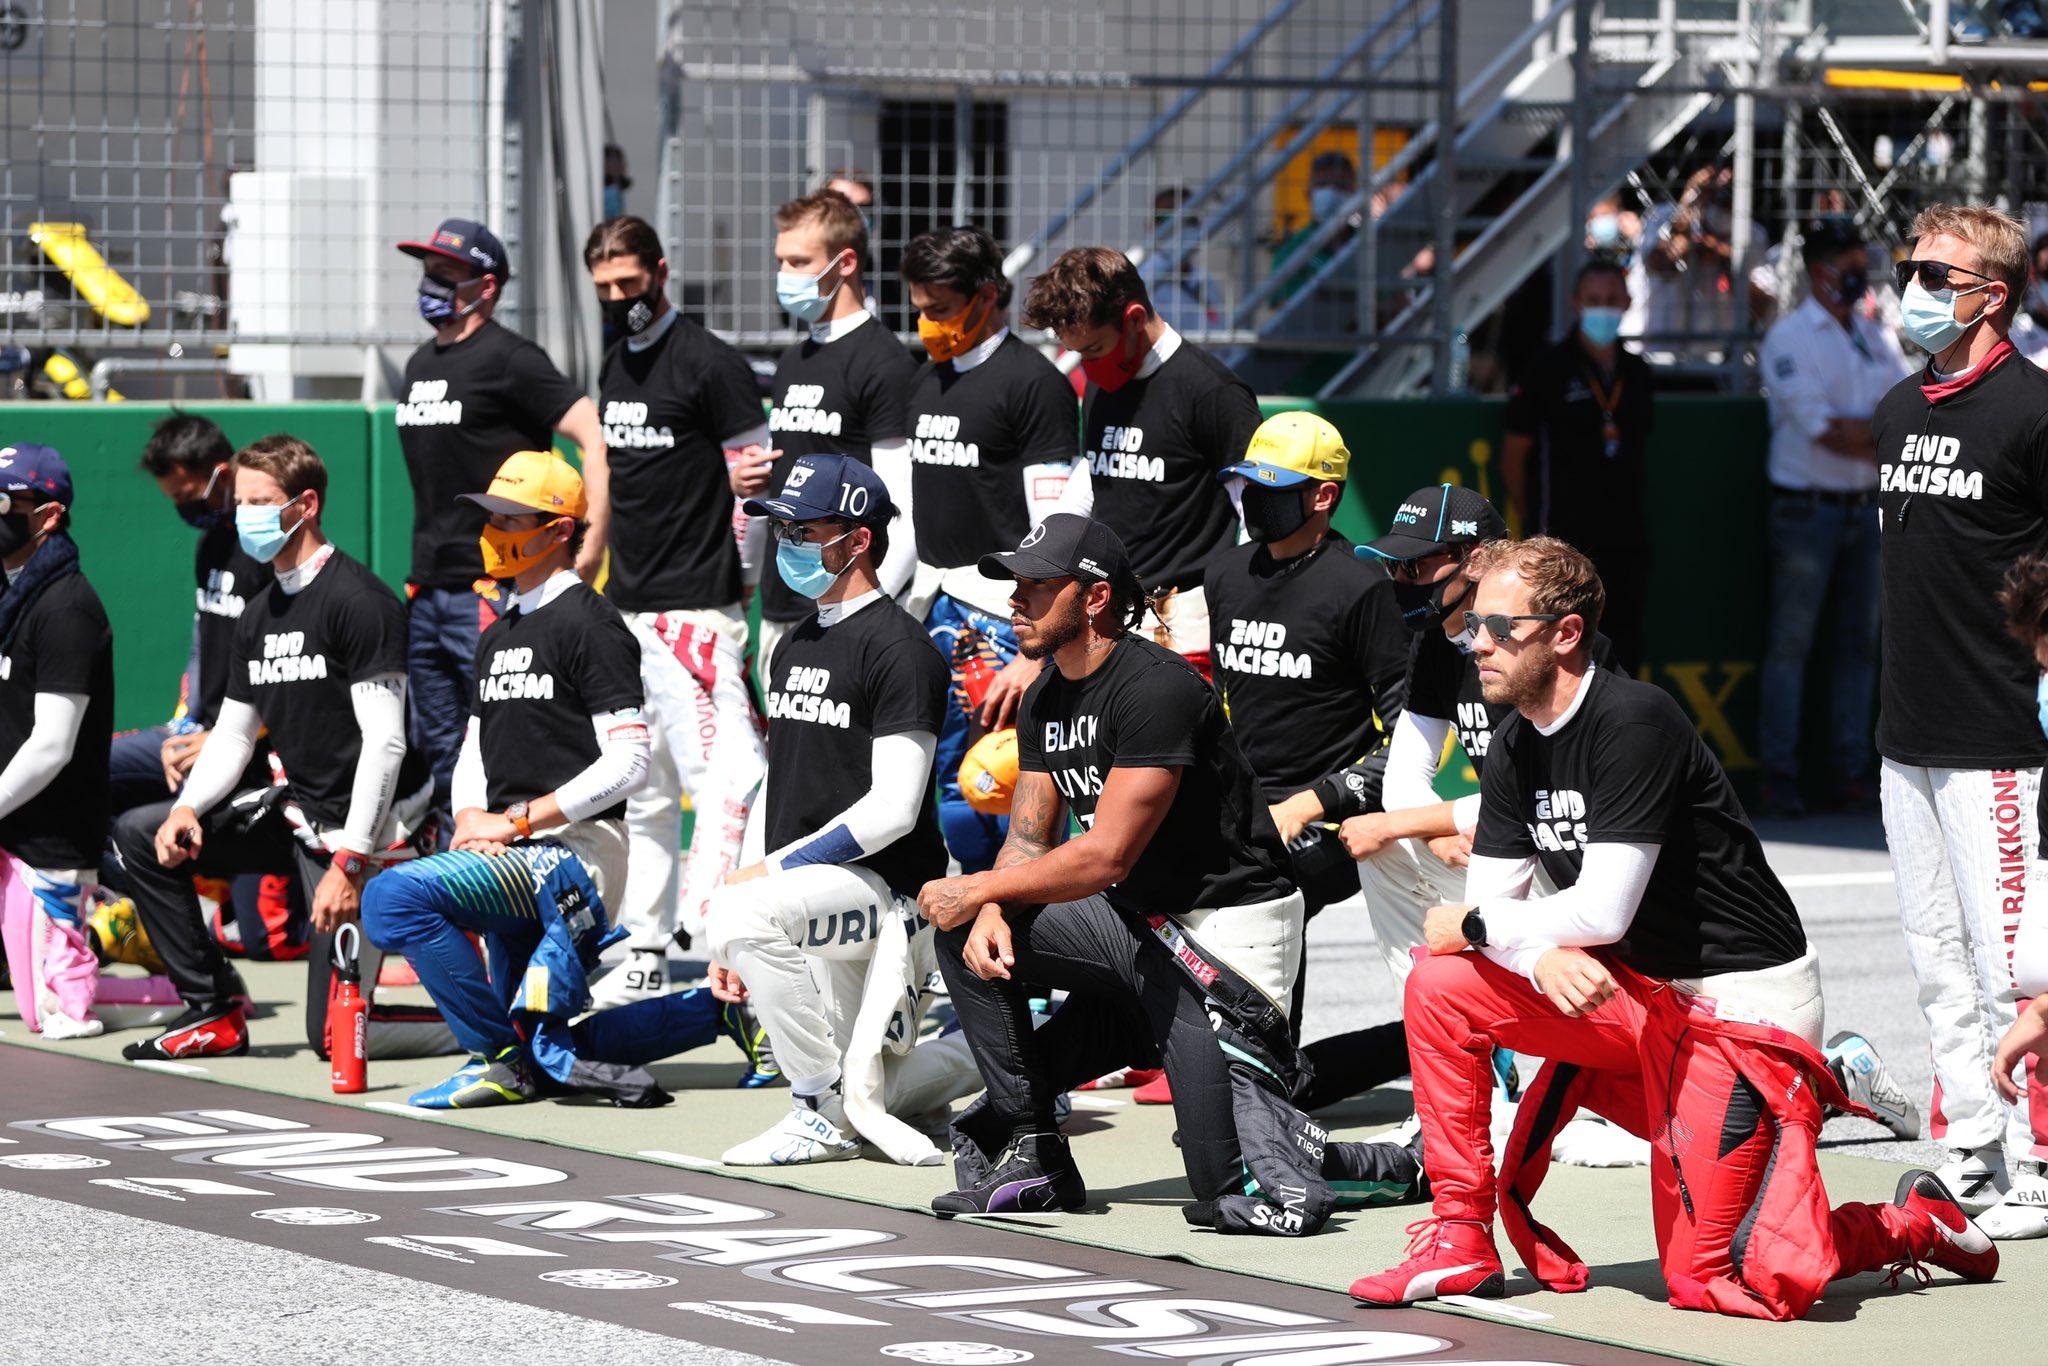 Pilotos de F1 protestaron contra el racismo en Austria